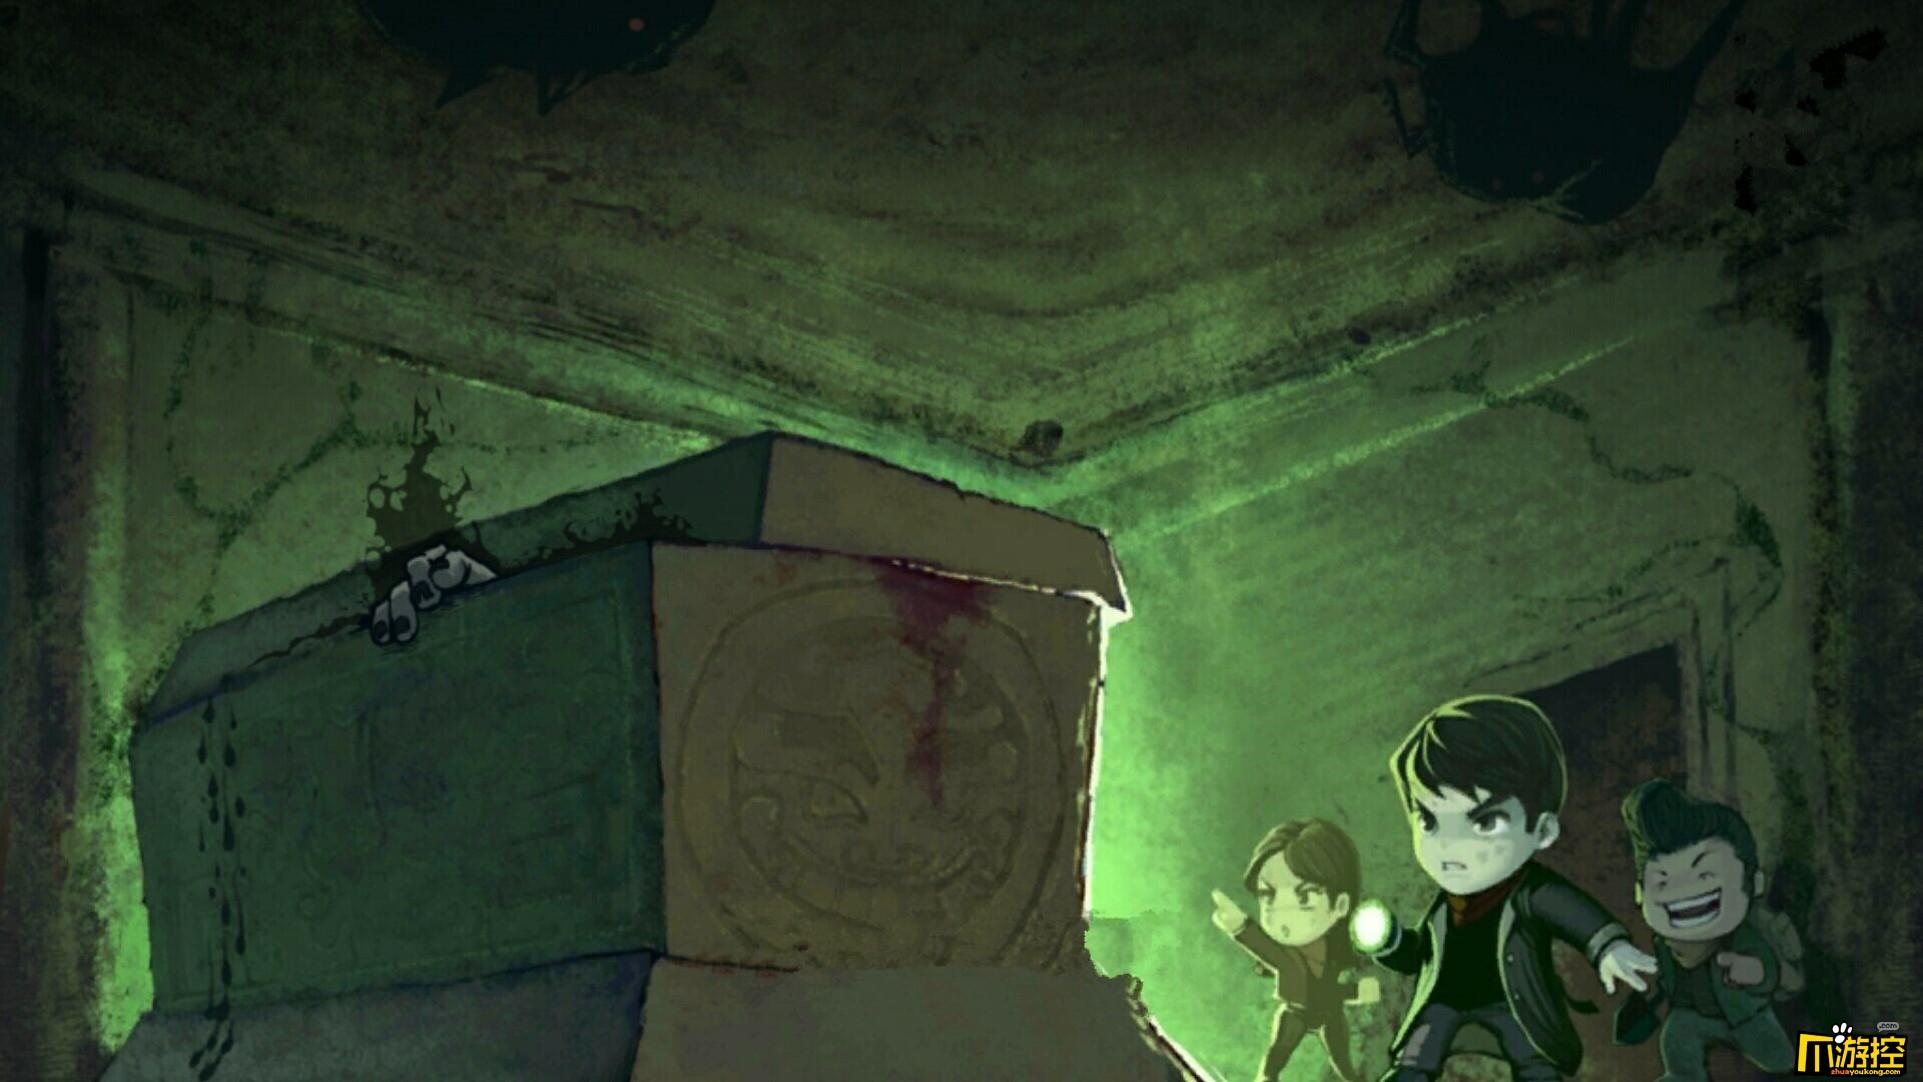 新动盗墓系列再出新作 神秘新游《命运罗盘》生存狂虐?